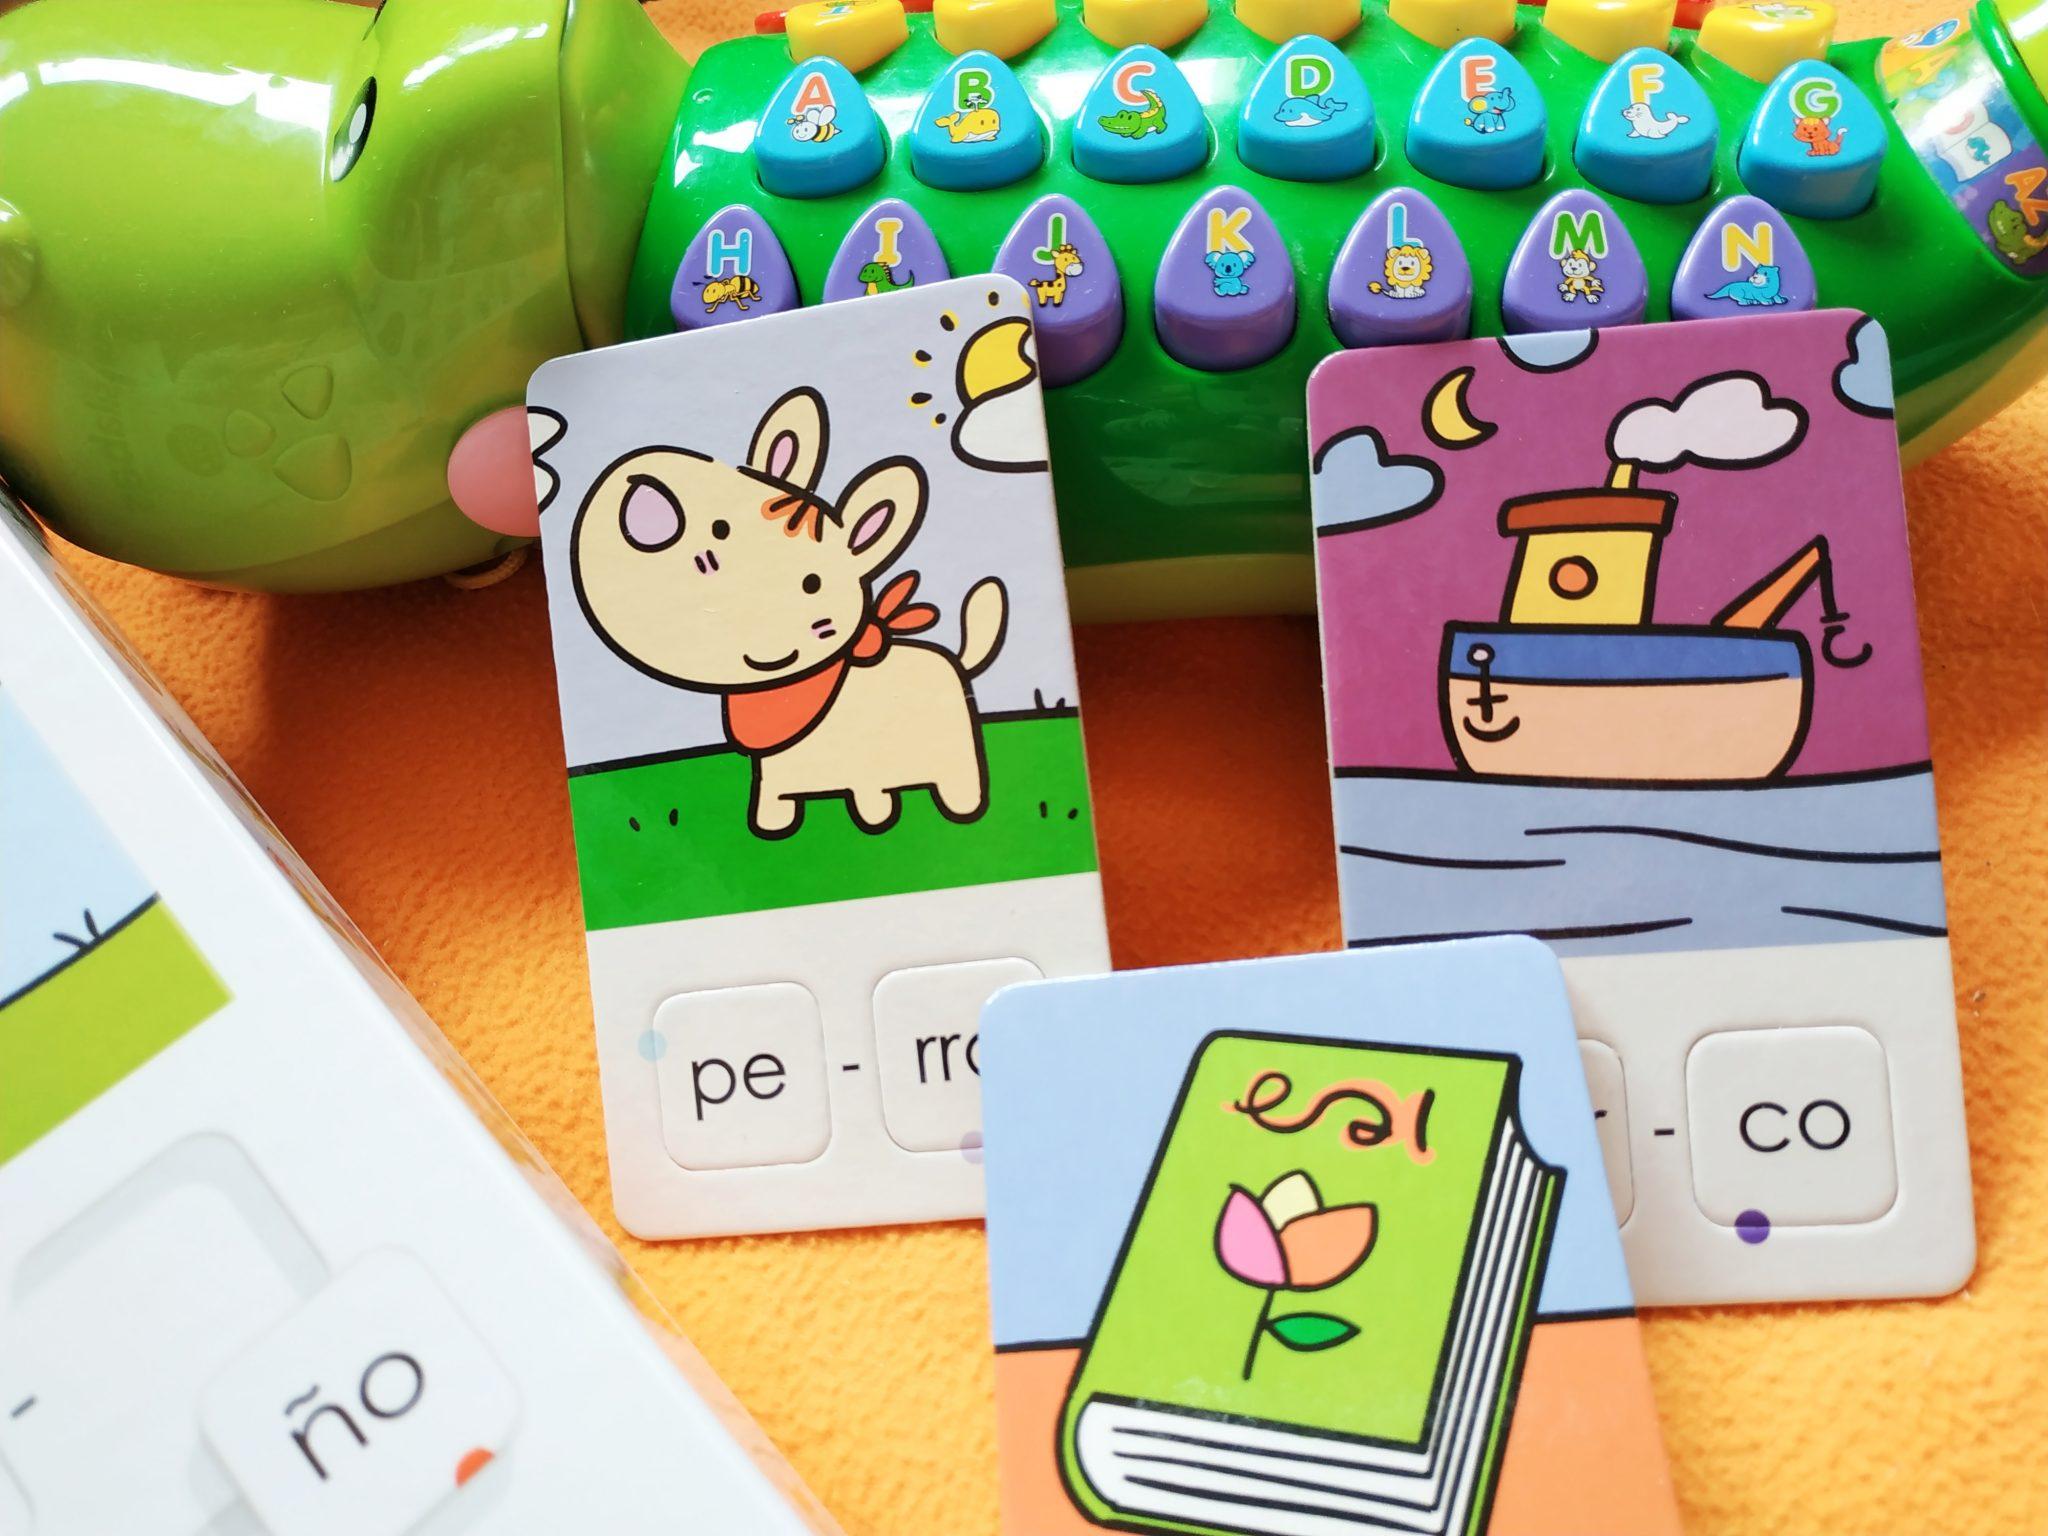 IMG 20190409 095017 - Juegos didácticos para niños de 6 años